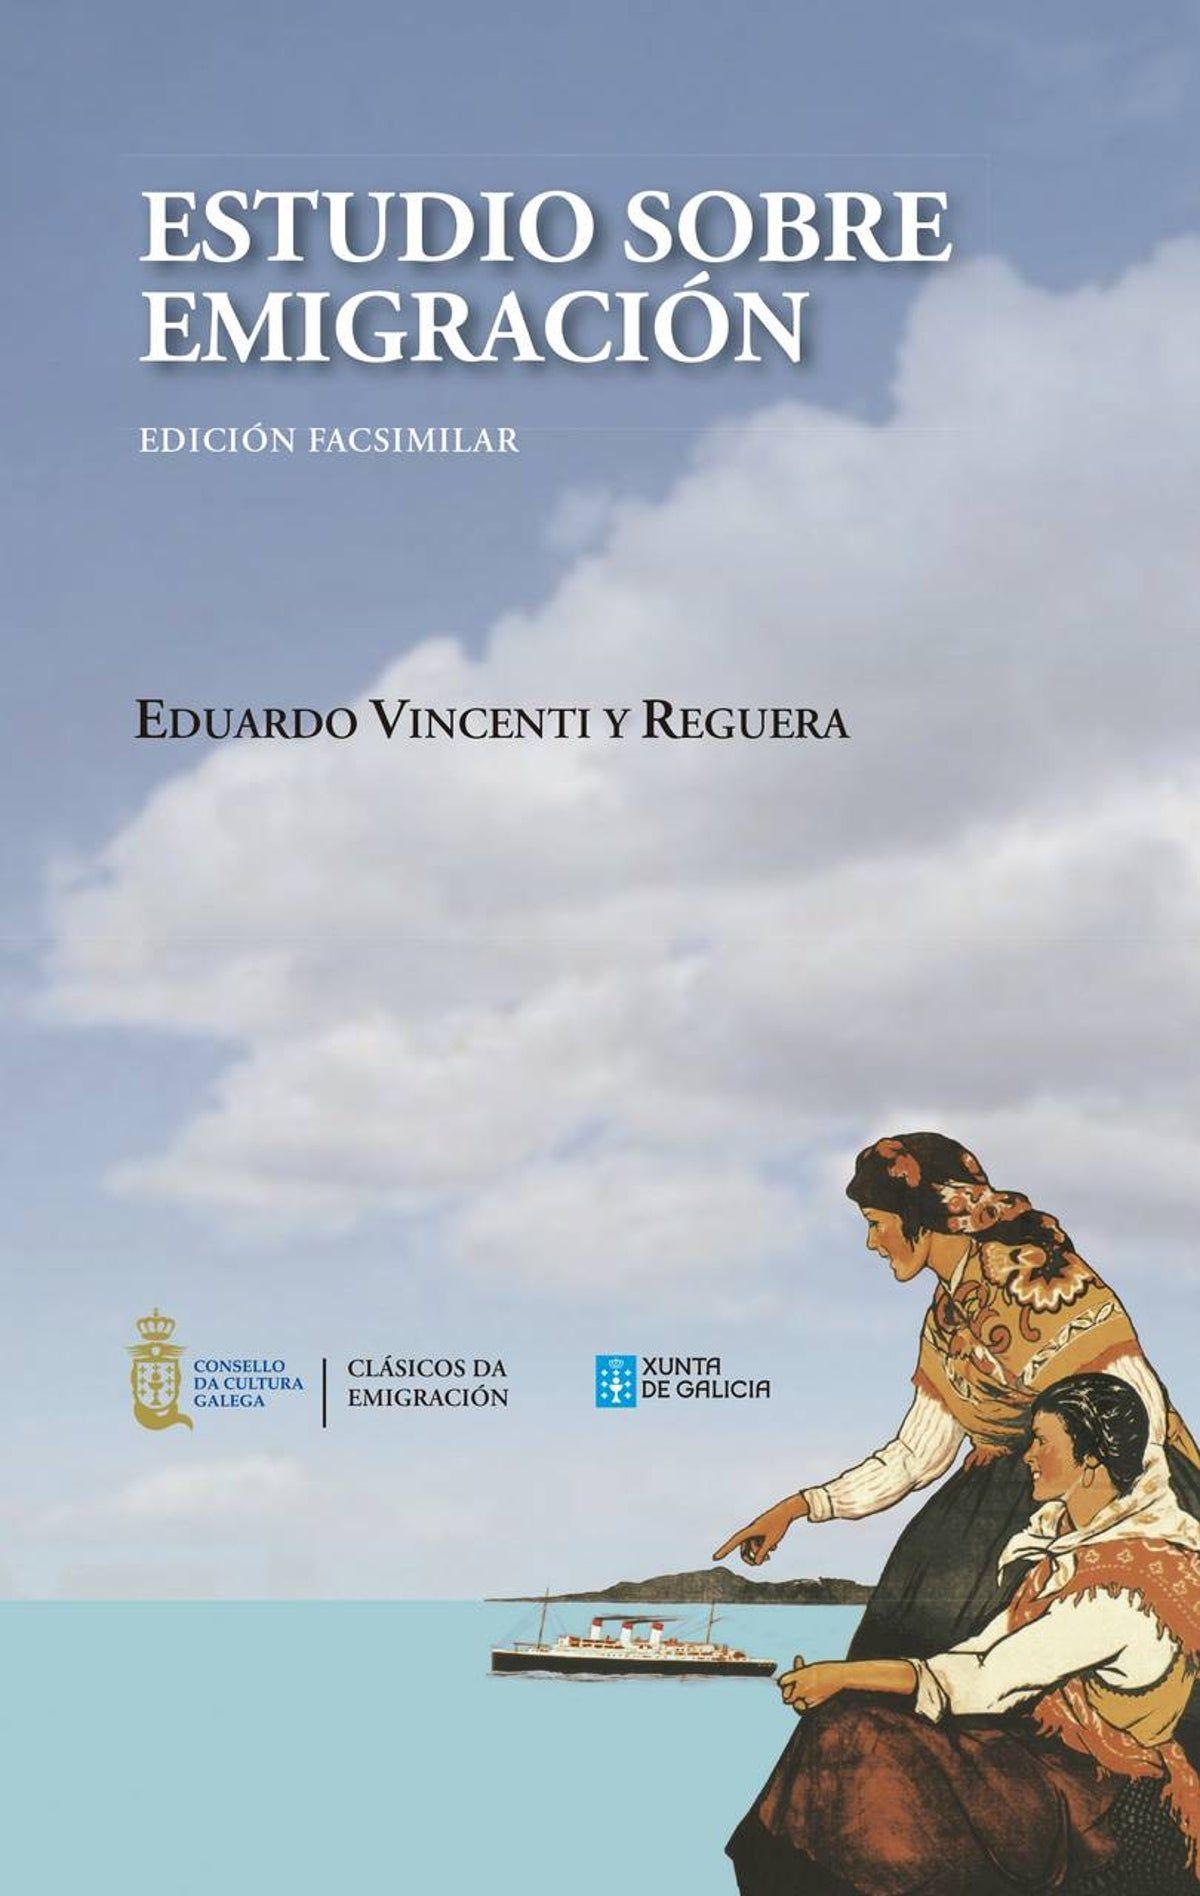 D F 822 Consello Da Cultura Galega 2019 Estudio Emigracion Cultura